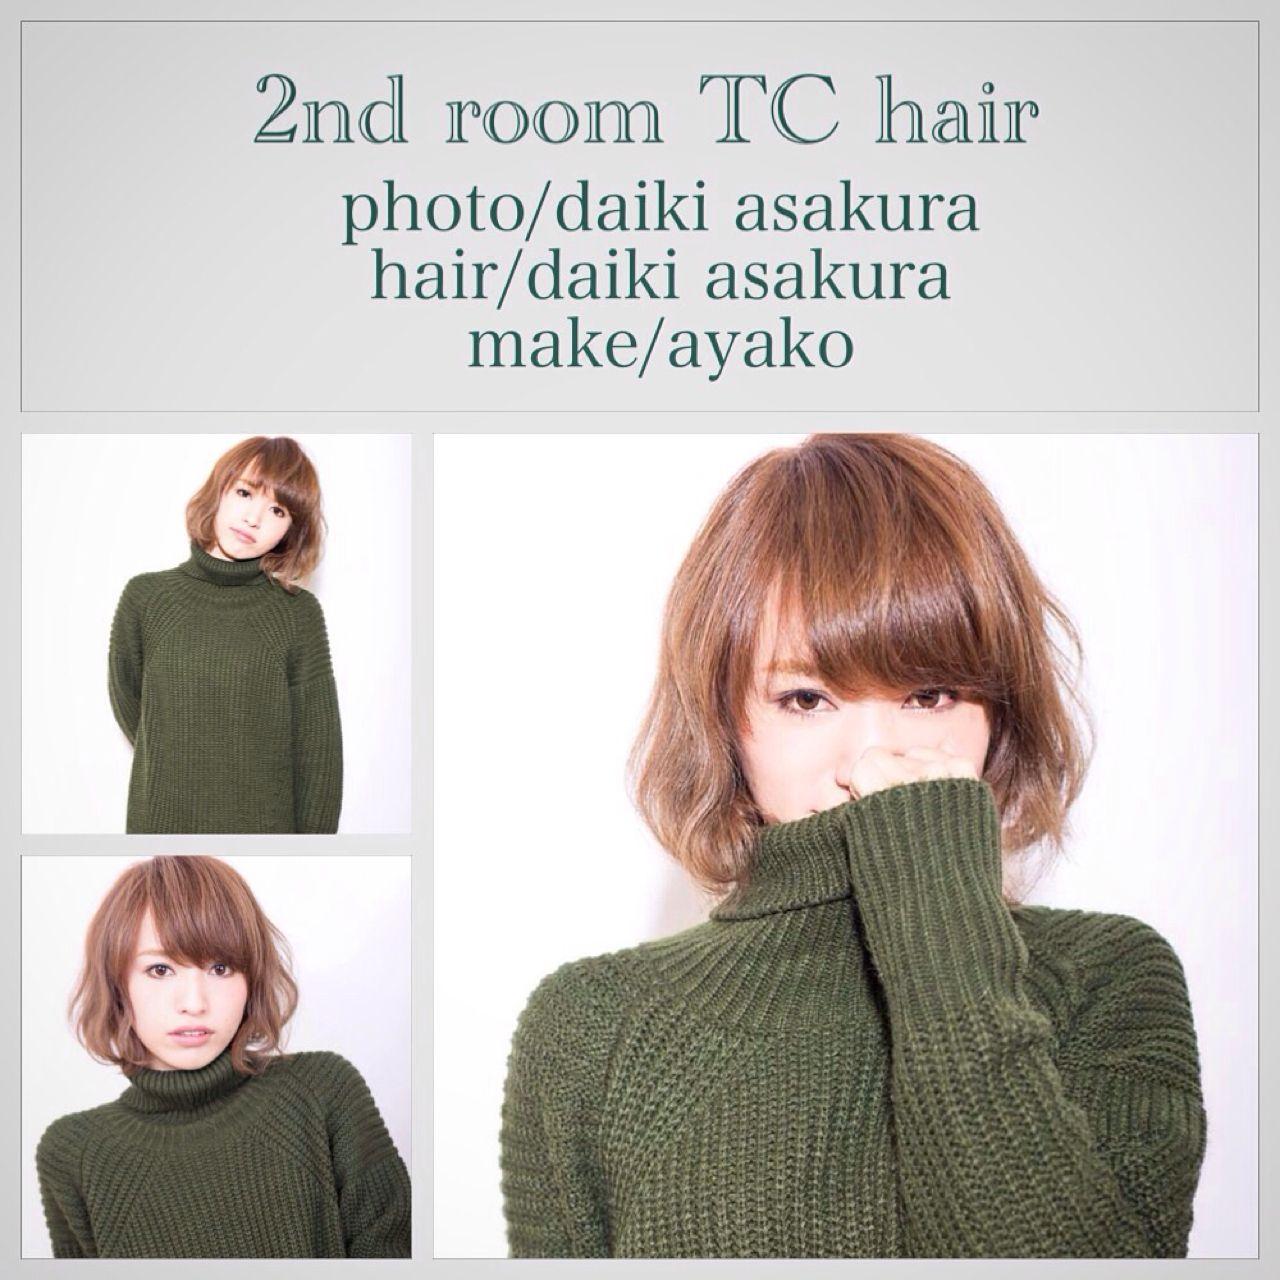 ナチュラル ショート ストリート ボブ ヘアスタイルや髪型の写真・画像 | 朝倉 大樹(髪質改善おじさん) / 2nd room TChair